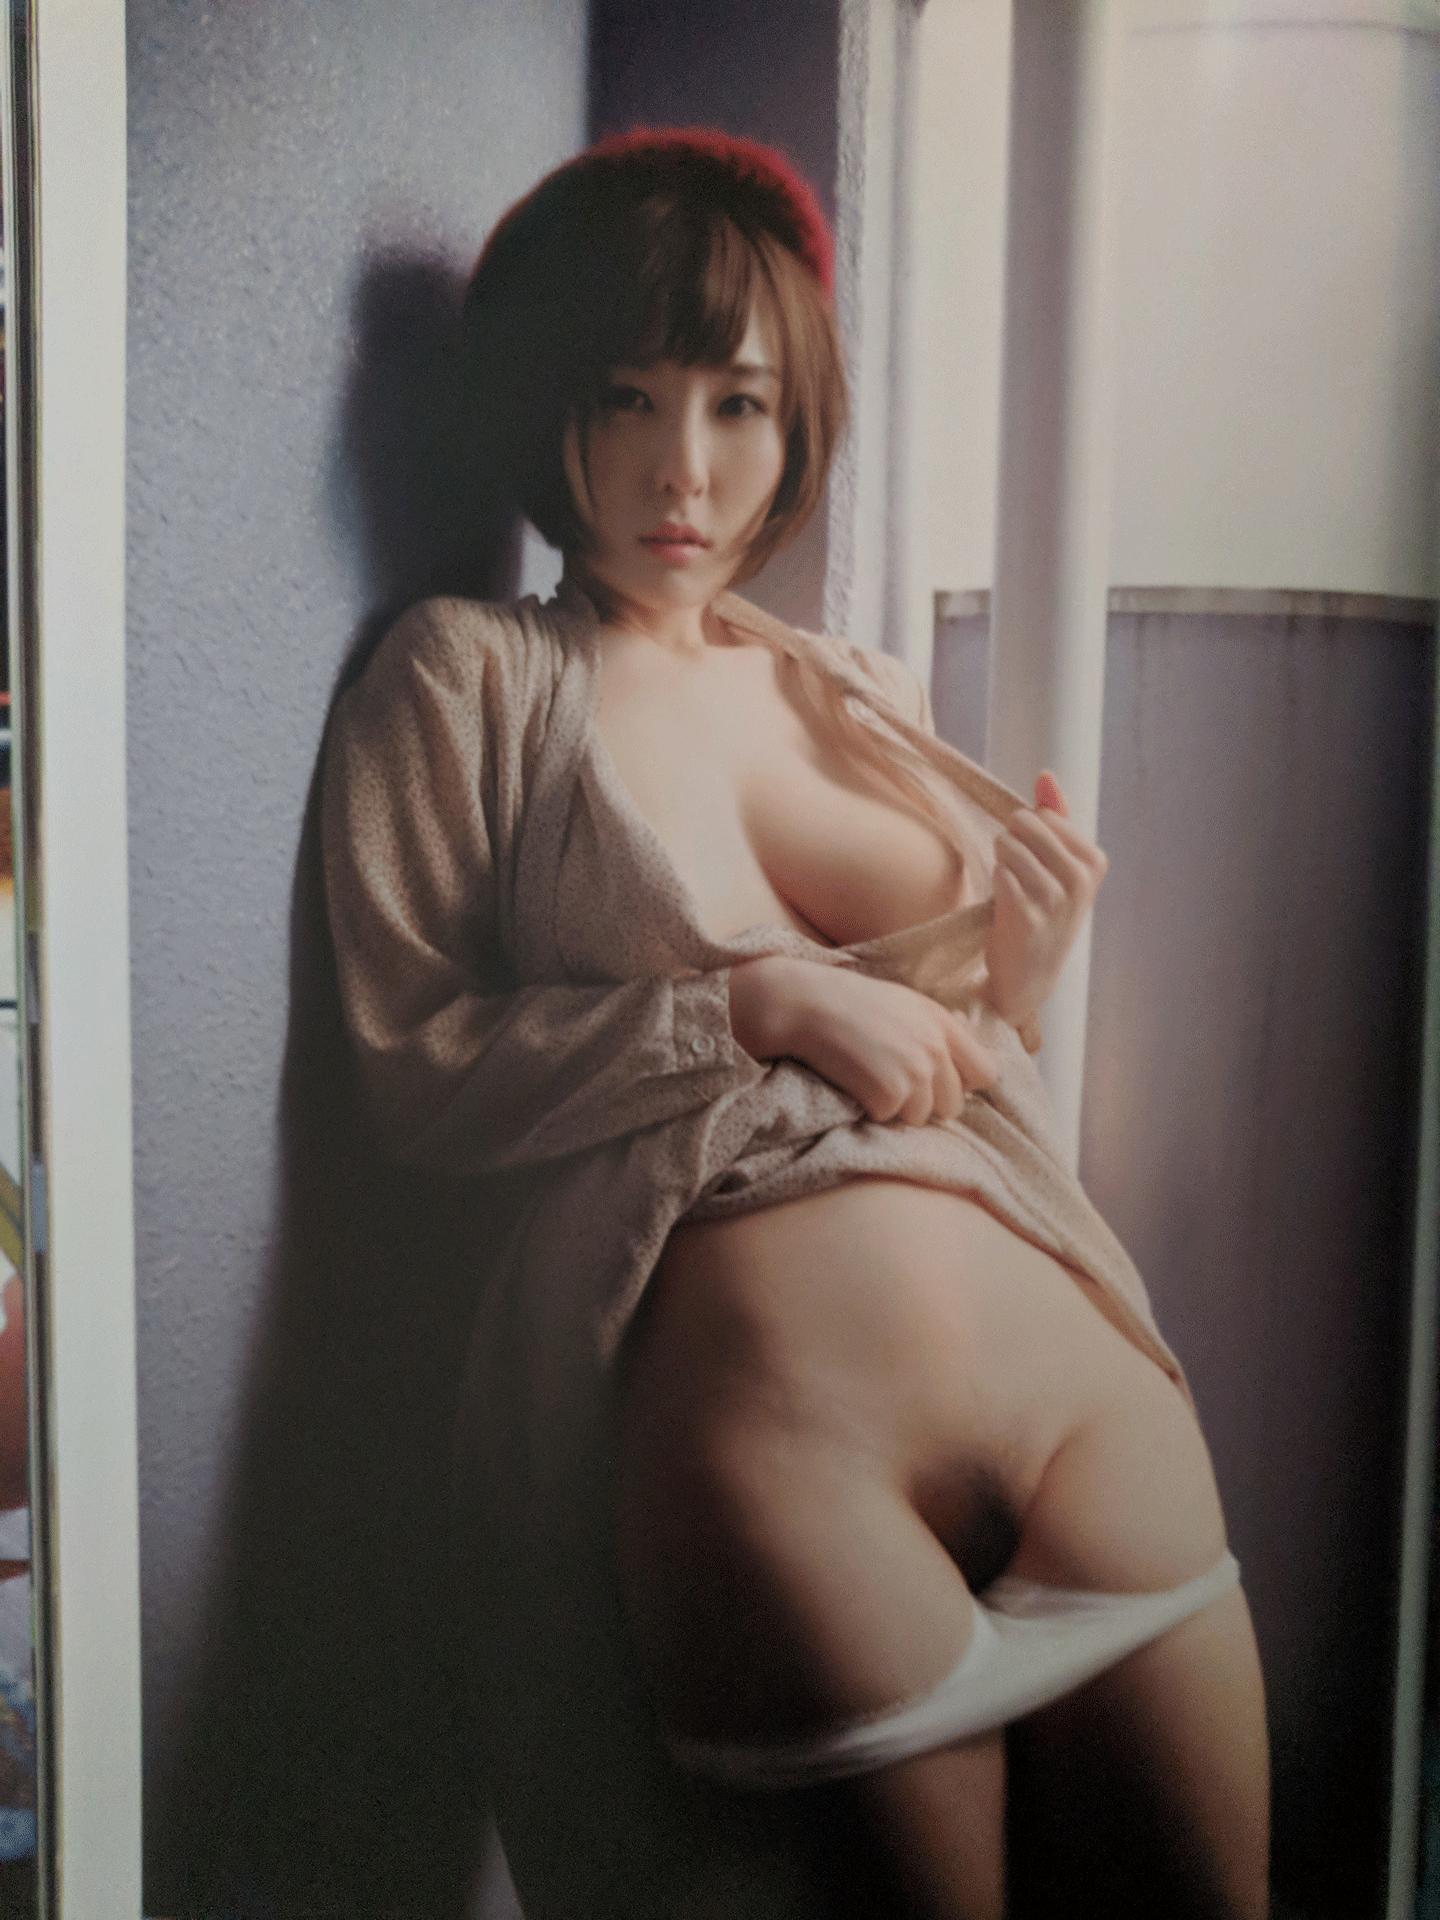 image http://scanlover.com/assets/images/6325-1GQhbbbaLrRgolUO.png